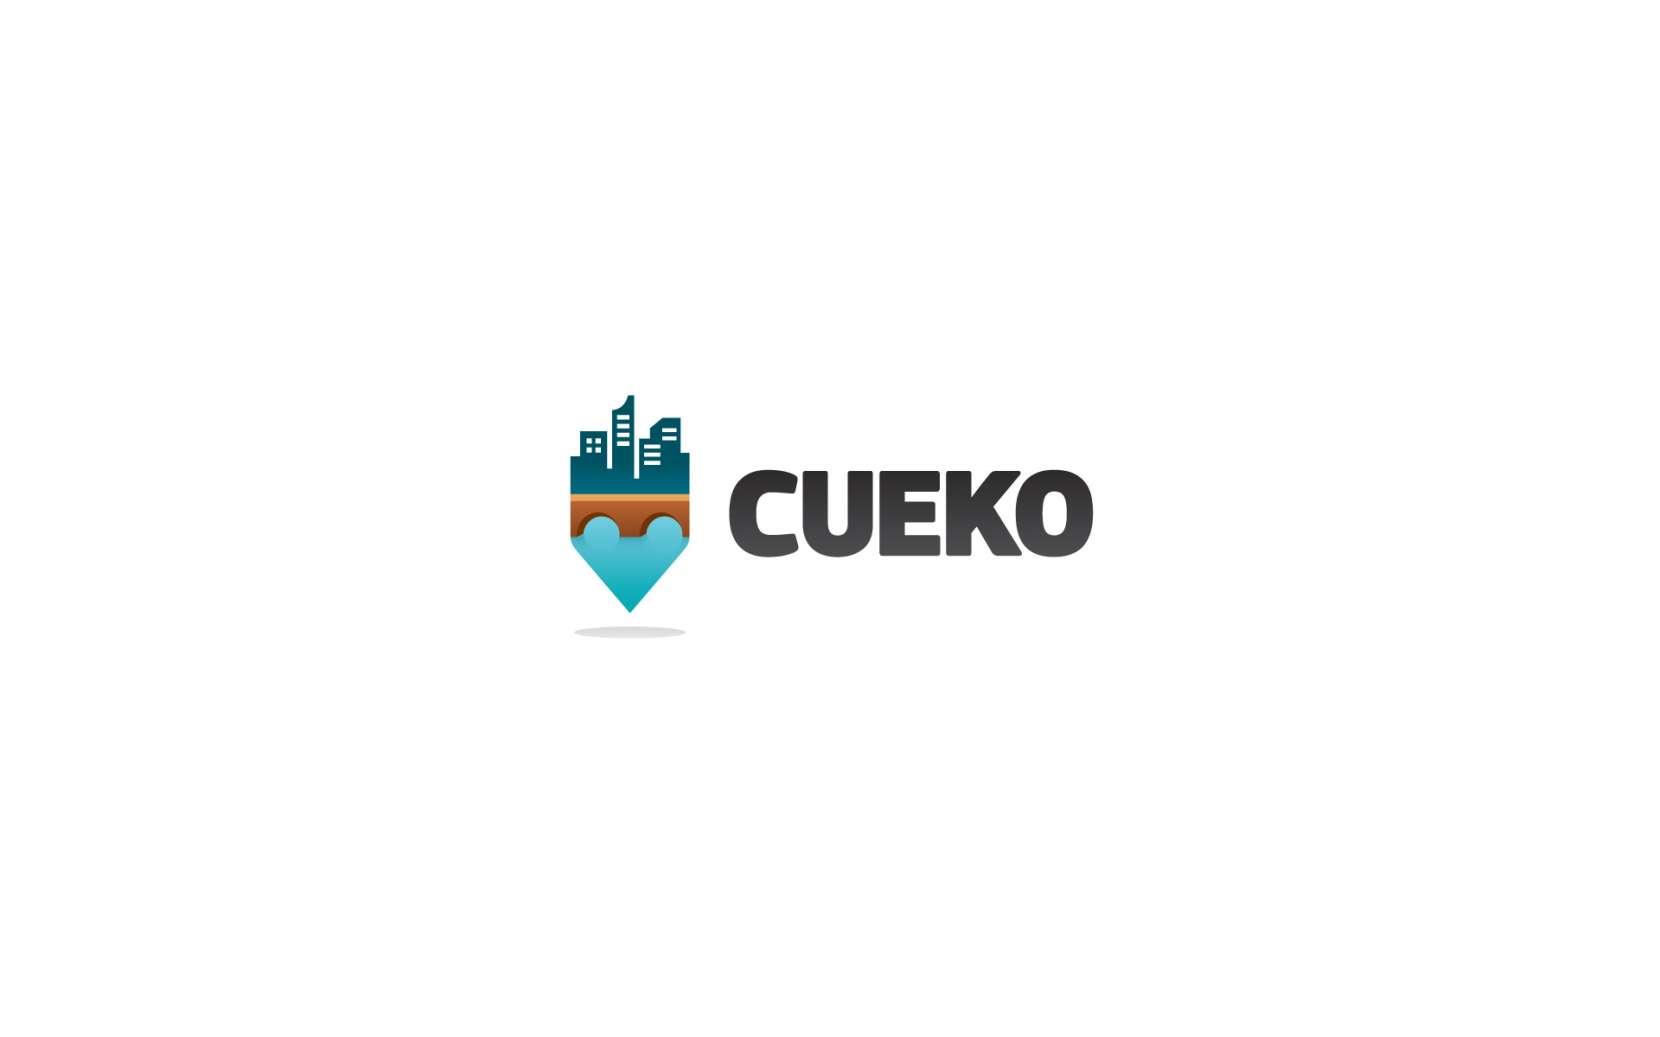 Cueko1.jpg